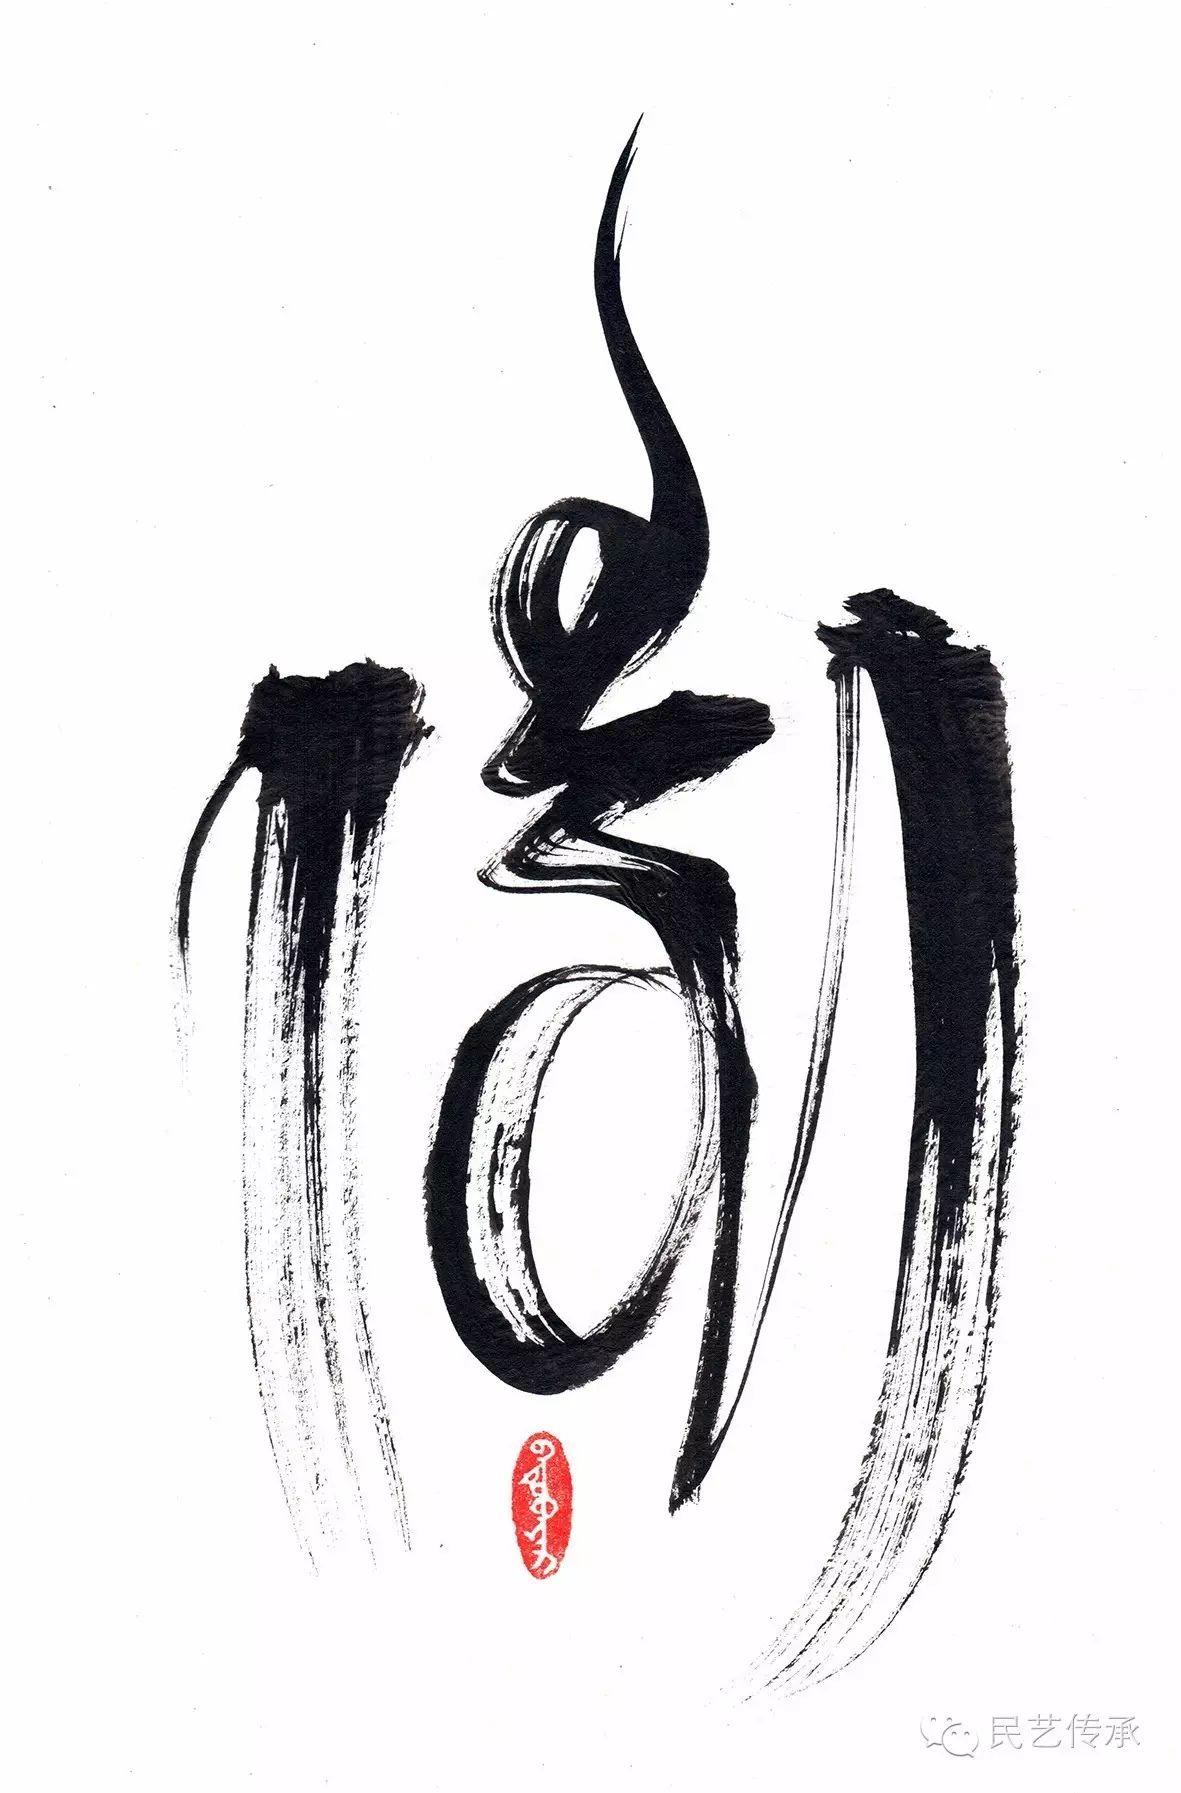 蒙古书法 第6张 蒙古书法 蒙古书法